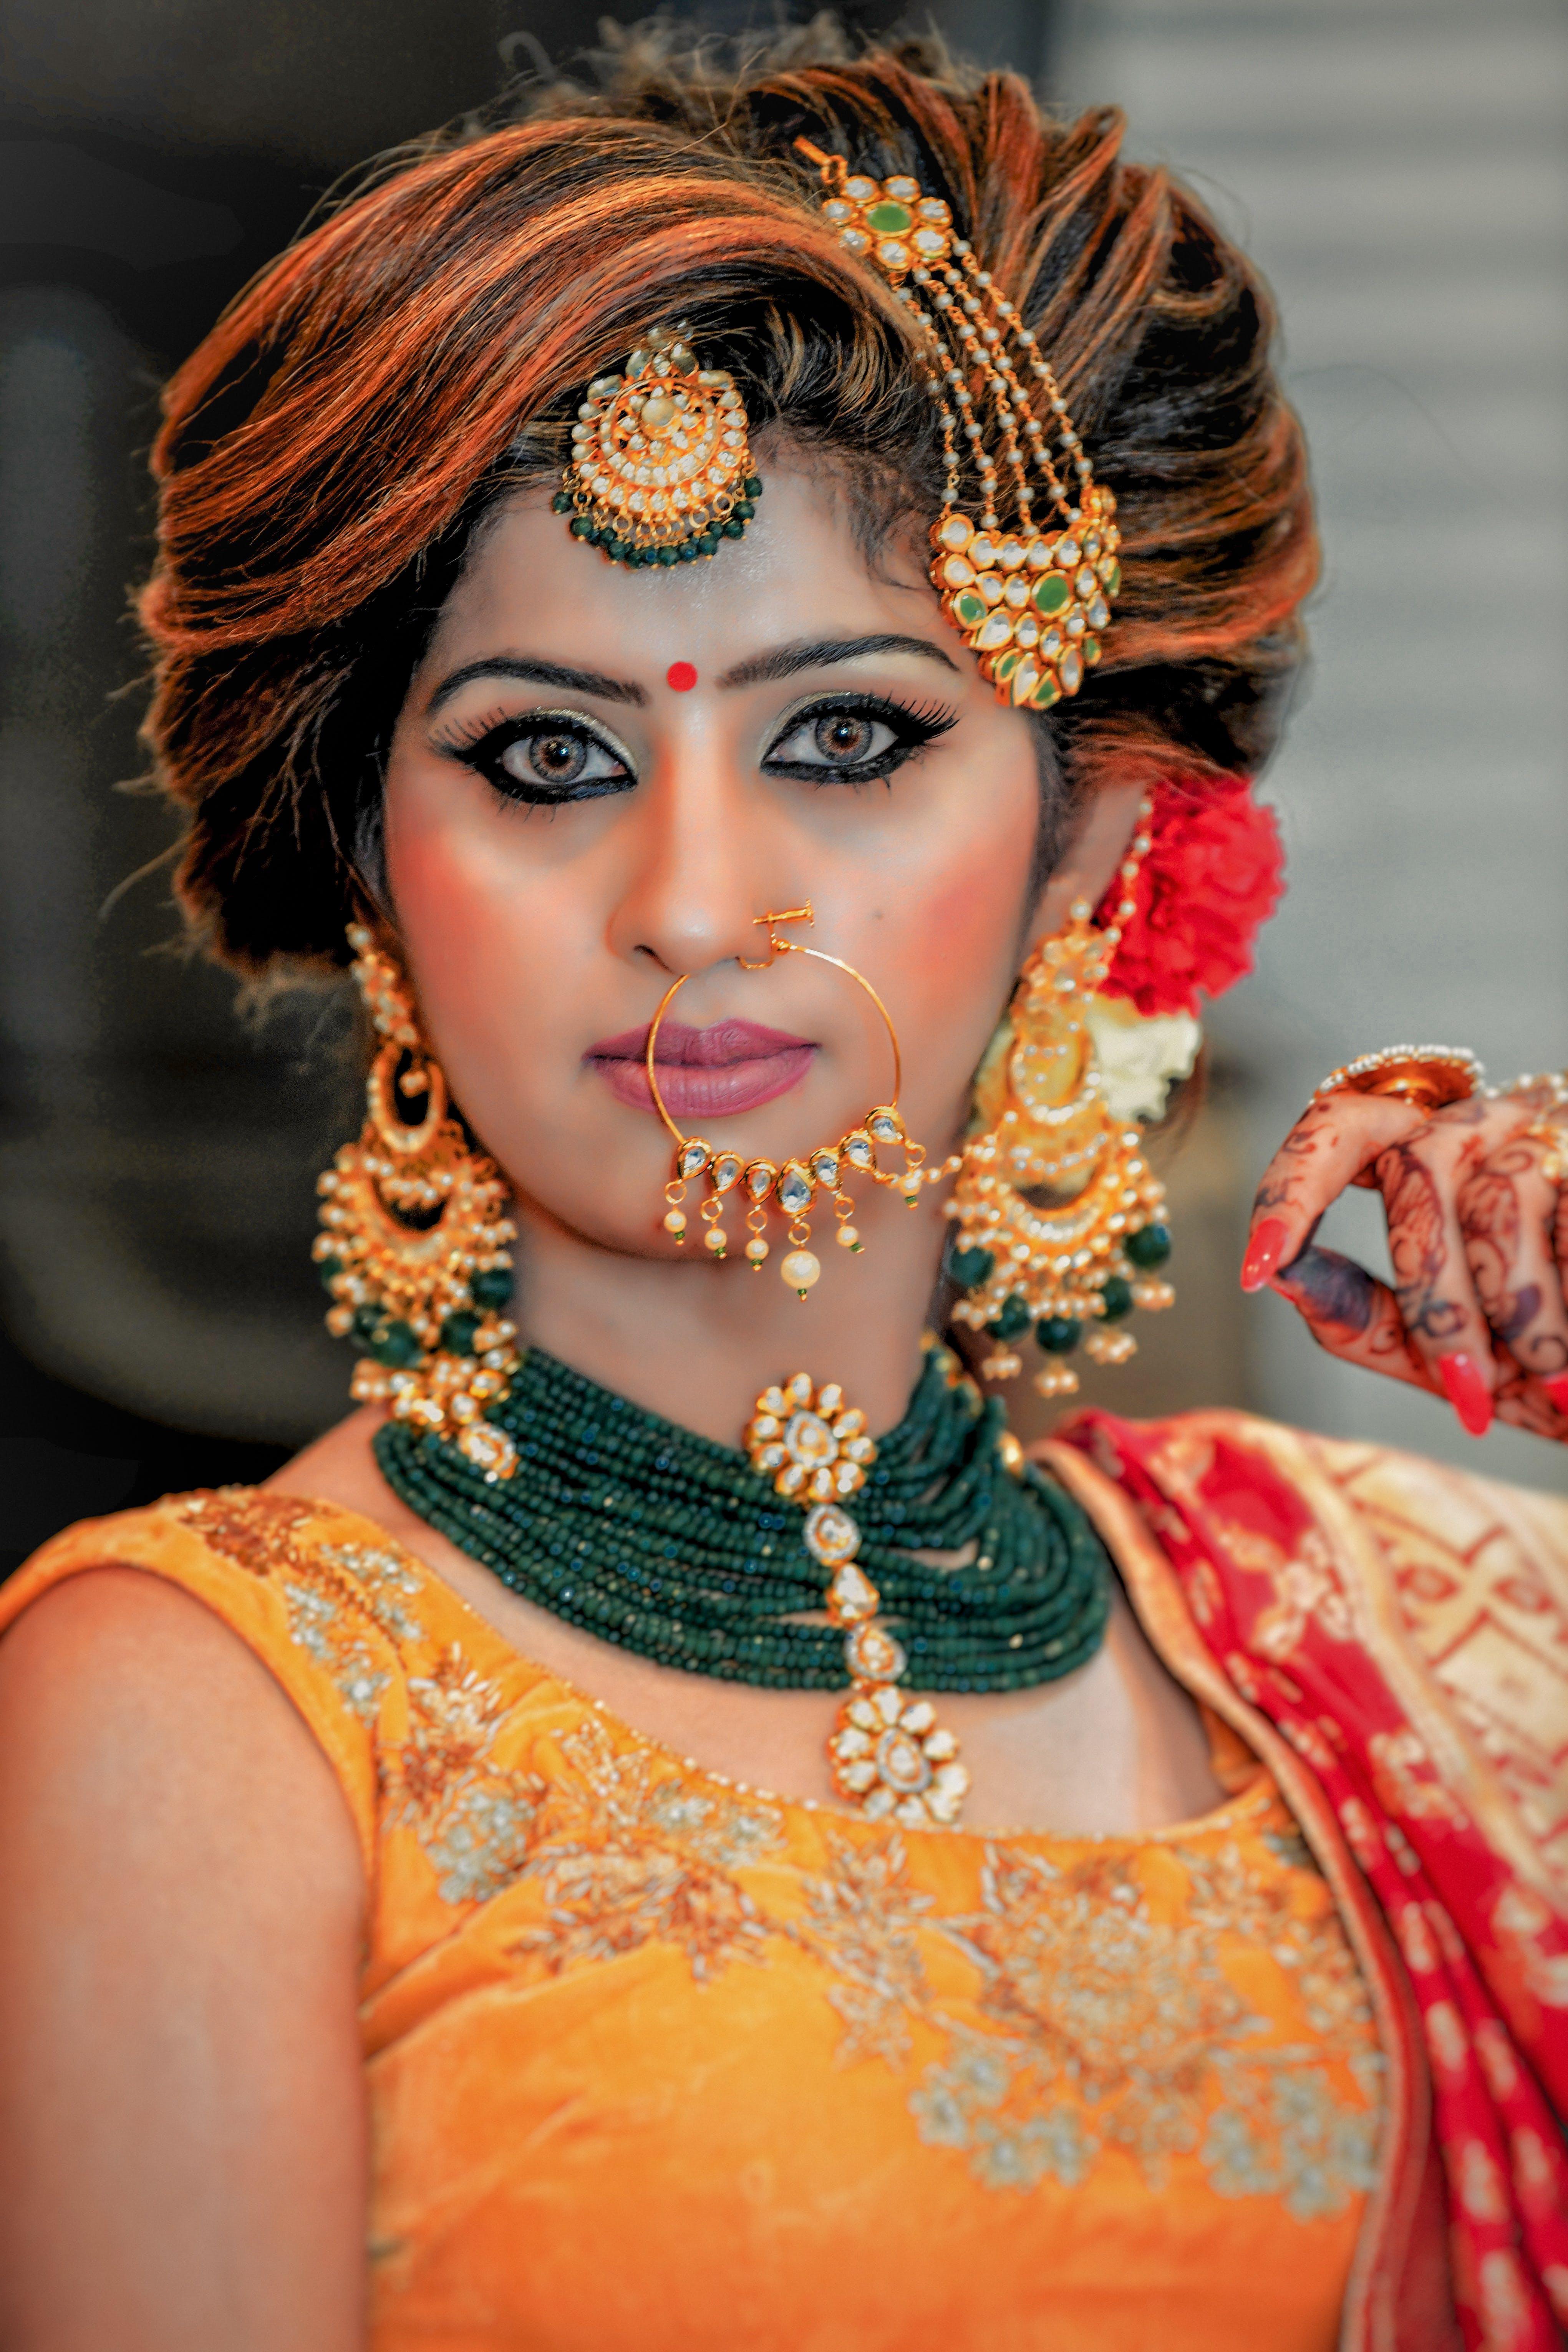 럭셔리, 메이크업, 목걸이, 문화의 무료 스톡 사진